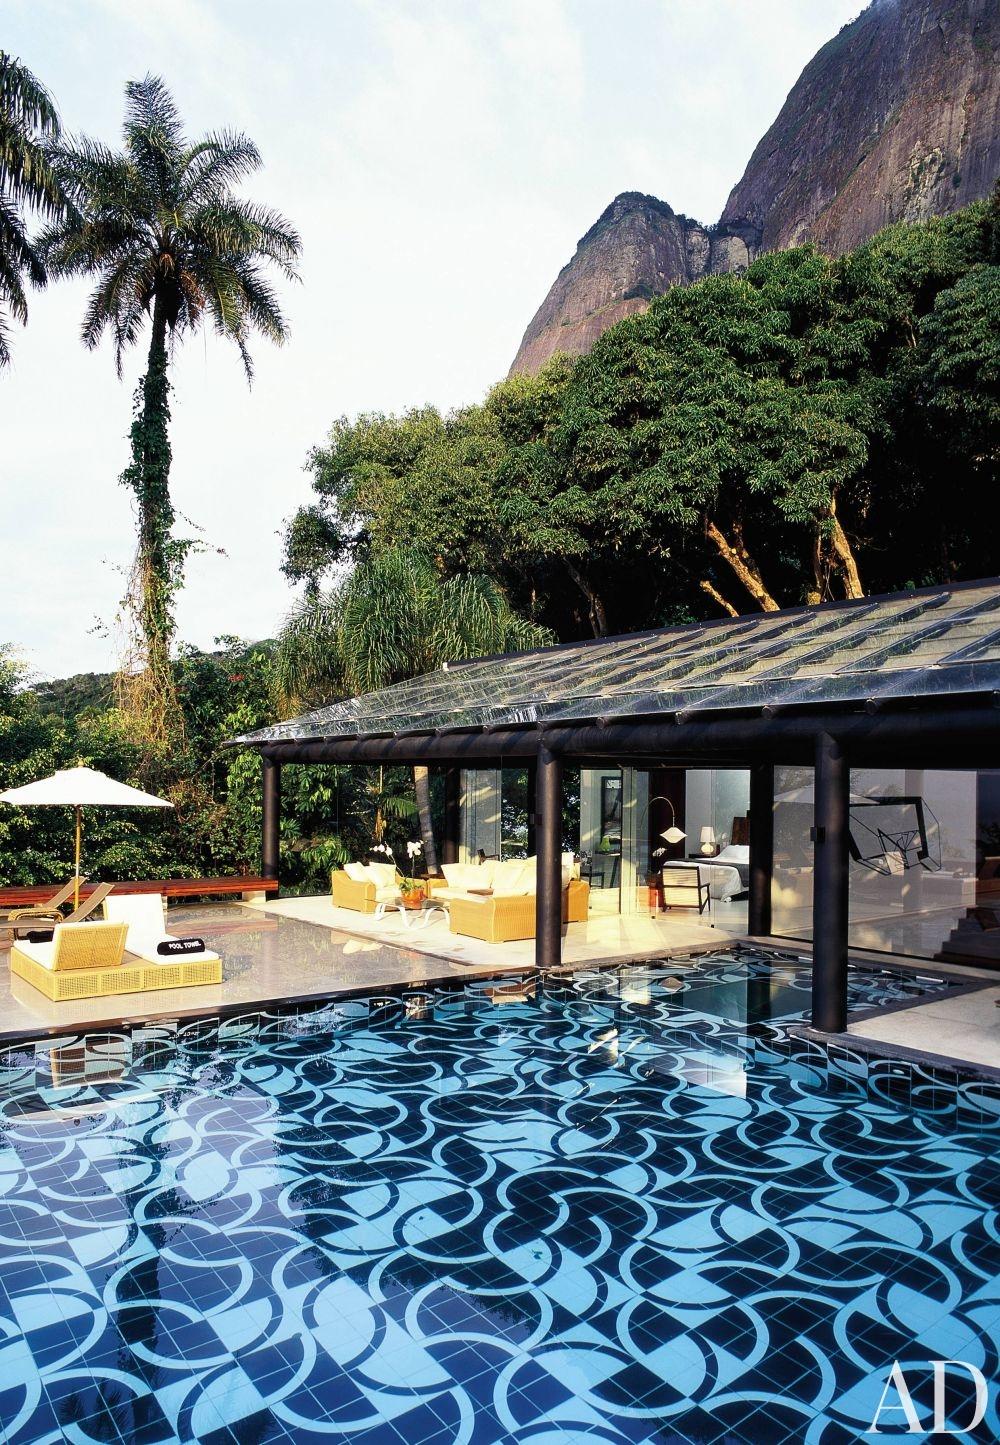 Nathaniel Rothschild's Rio de Janeiro home